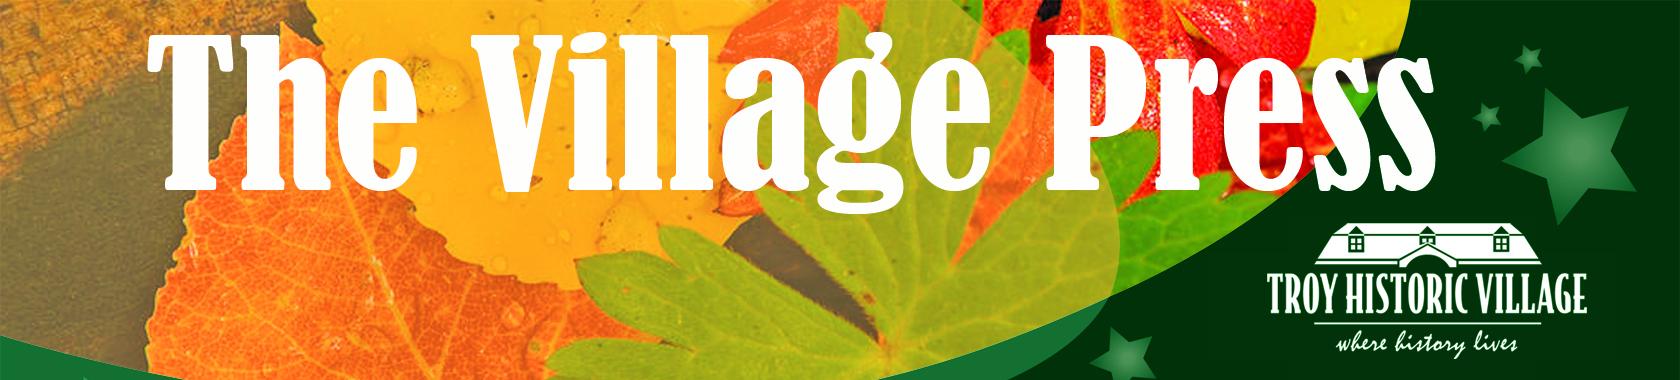 Village Press Magazine